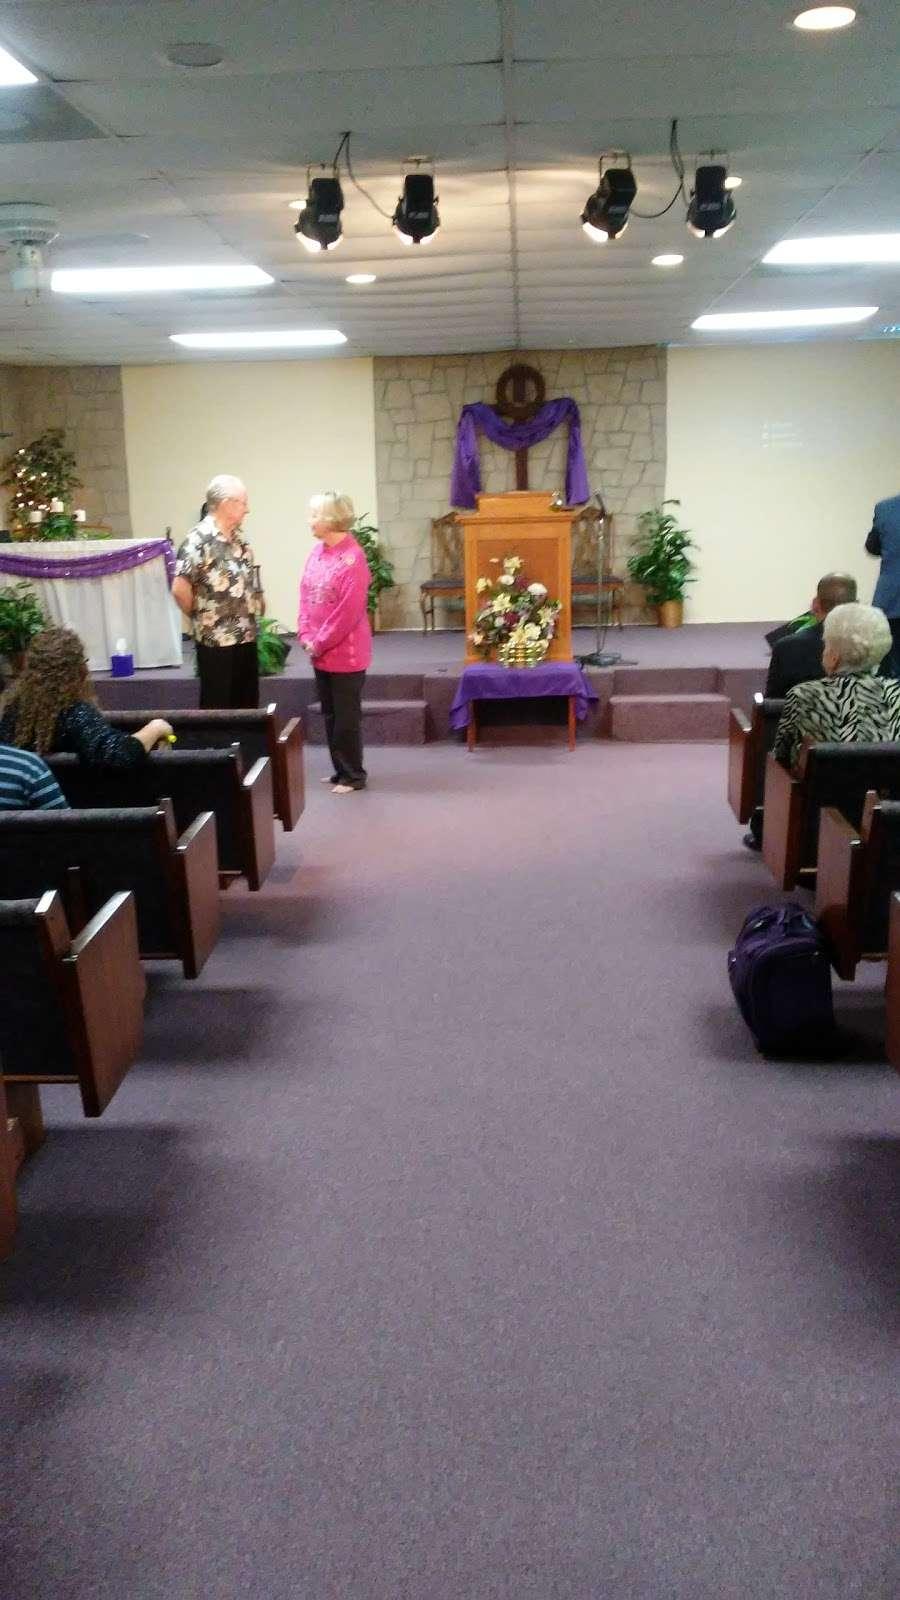 New Hope Fellowship - church  | Photo 1 of 10 | Address: 307 Deen Blvd, Auburndale, FL 33823, USA | Phone: (863) 967-4686